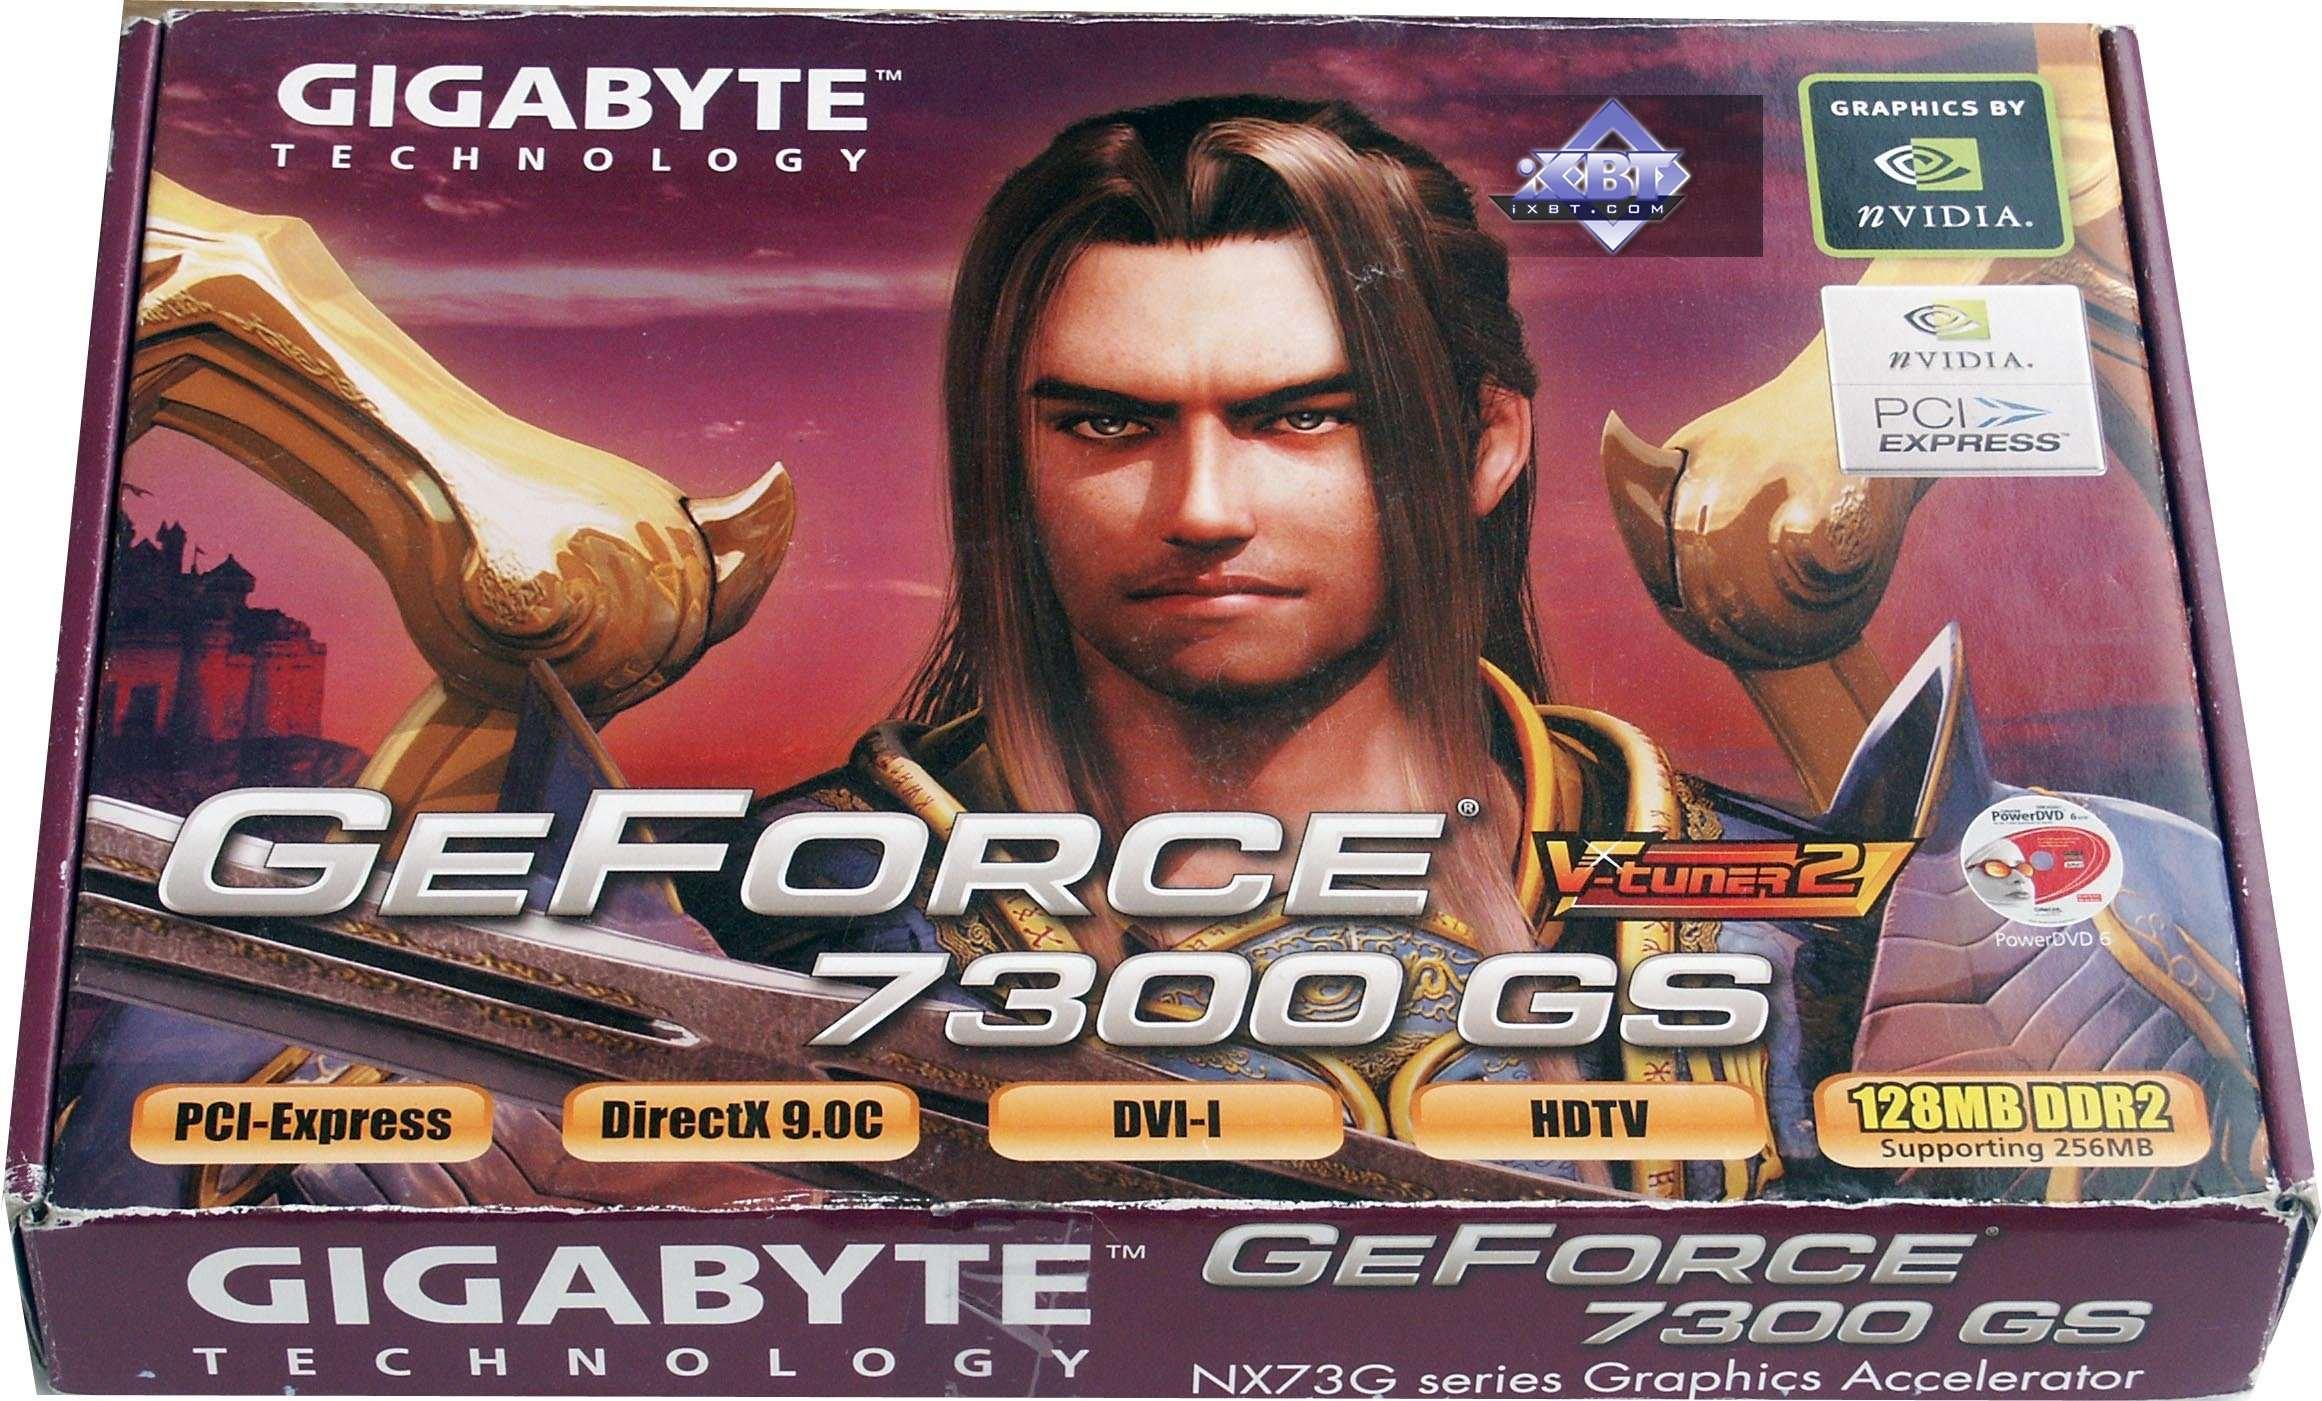 geforce 7300 go дрaйвер: